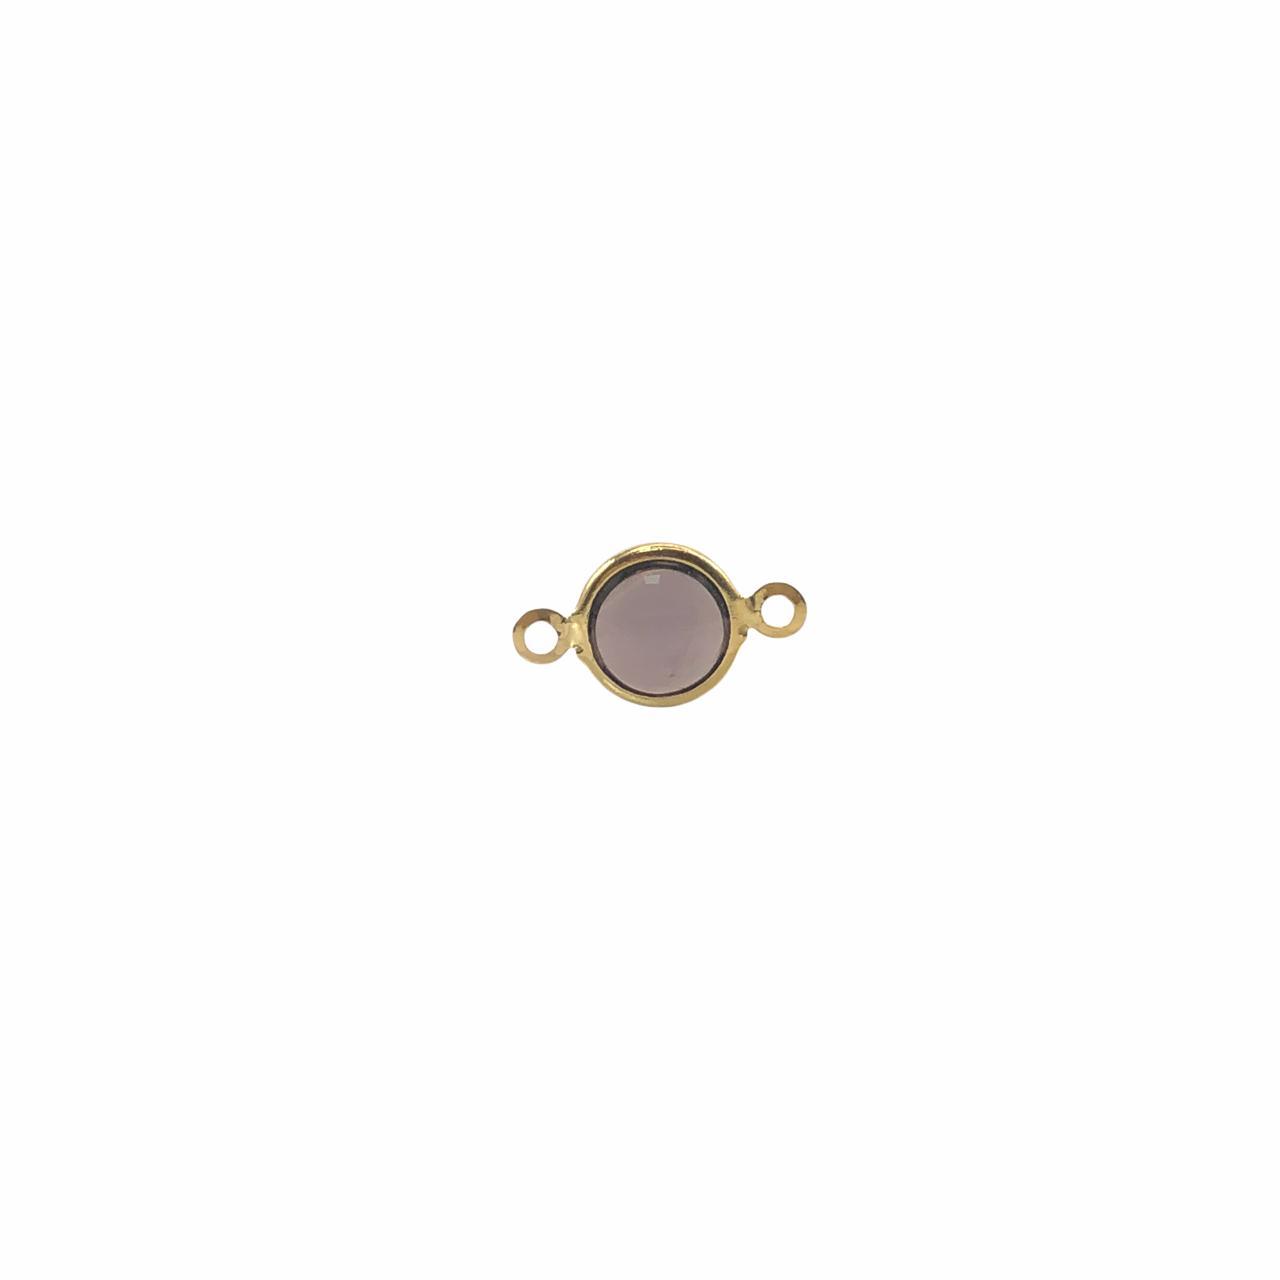 ETM598 - Entremeio De Vidro Ametista 8mm Banhado Cor Dourado - 4Unids